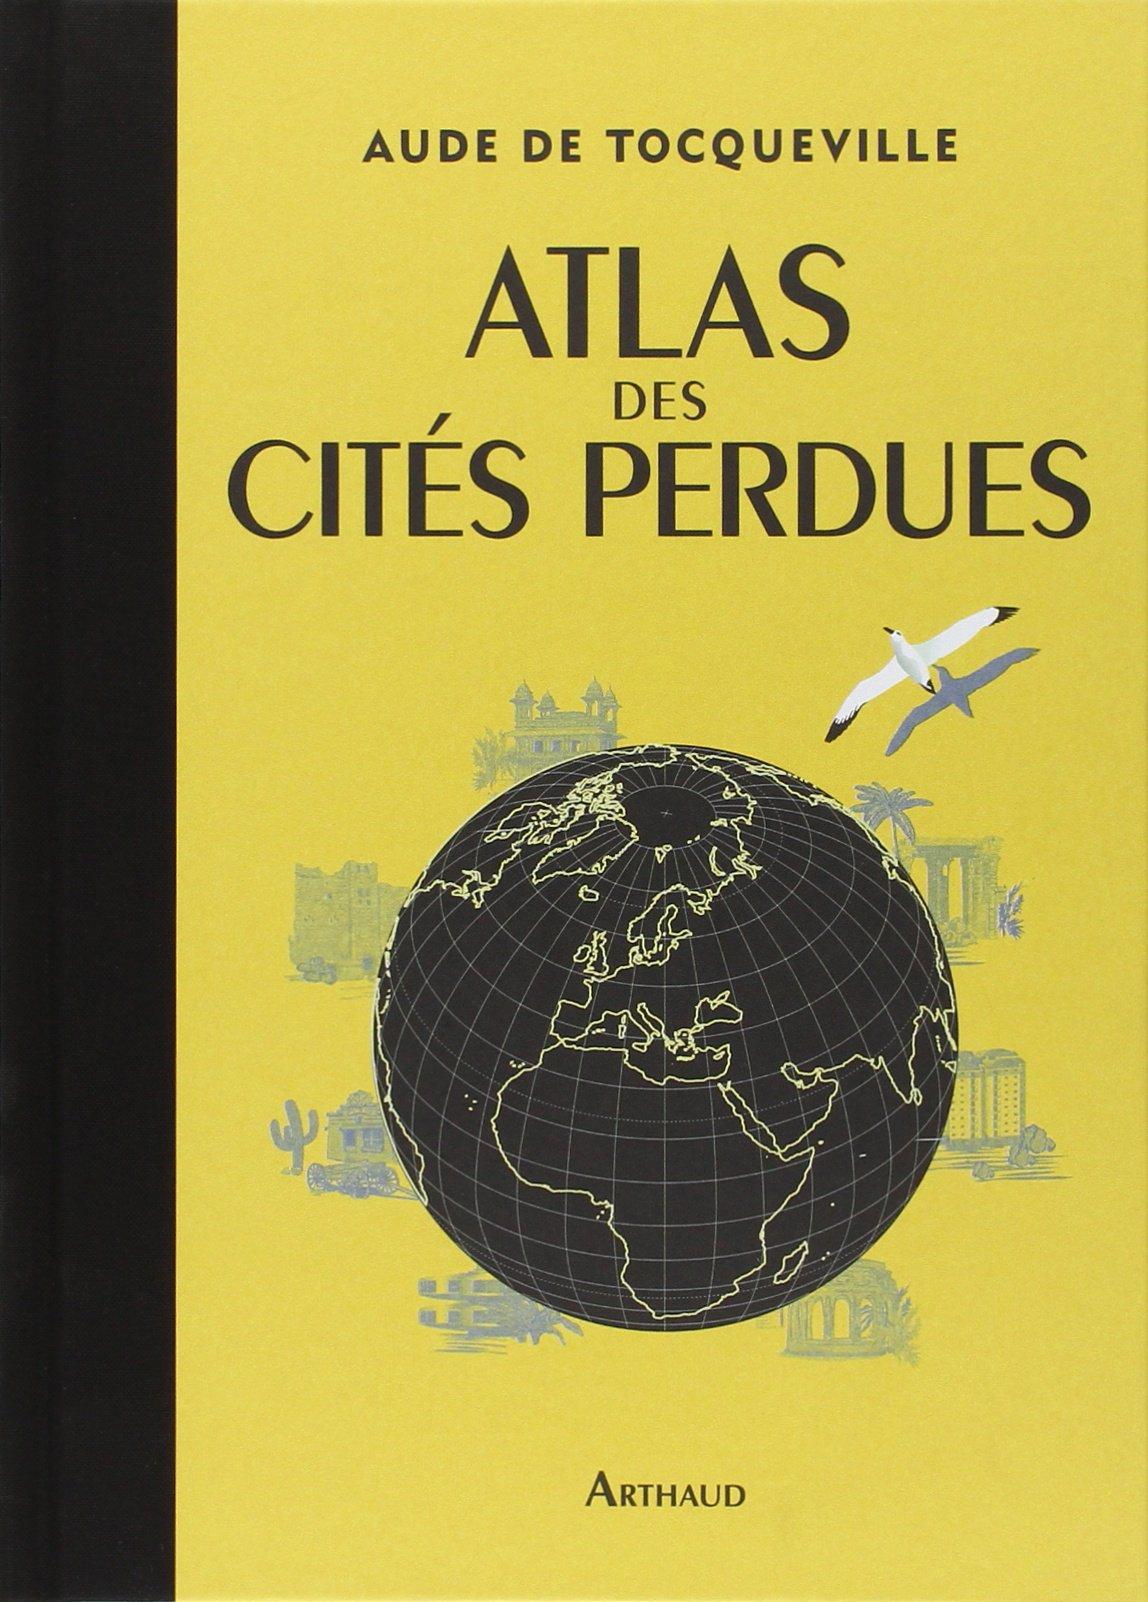 7775957691_l-atlas-des-cites-perdues-de-aude-de-tocqueville.jpg